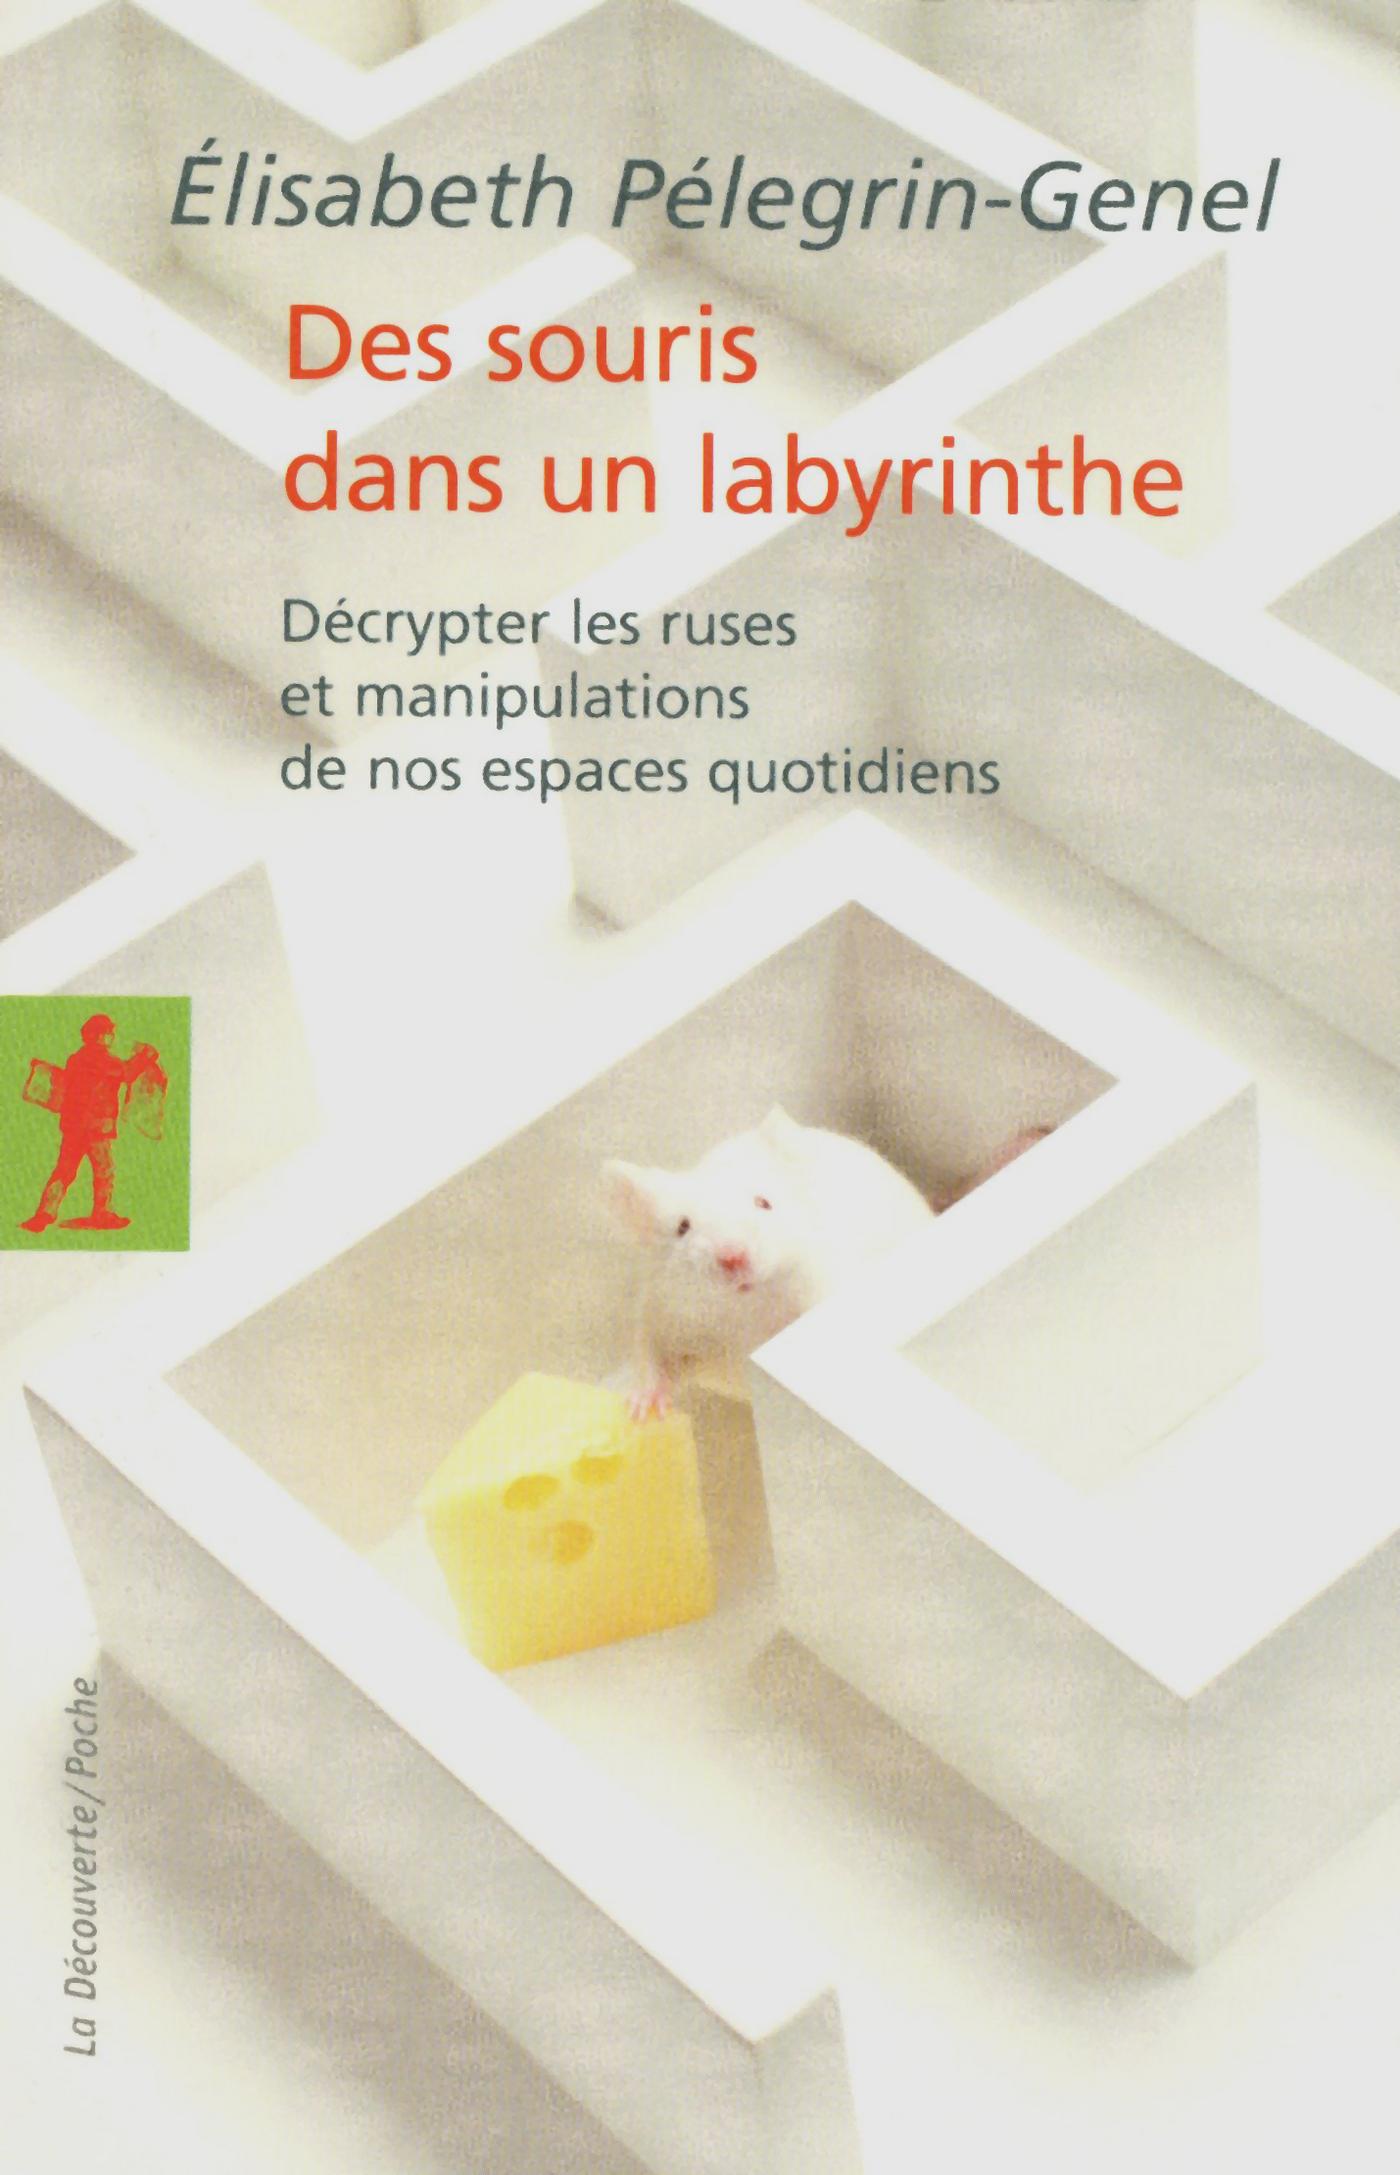 Des souris dans un labyrinthe | PÉLEGRIN-GENEL, Élisabeth